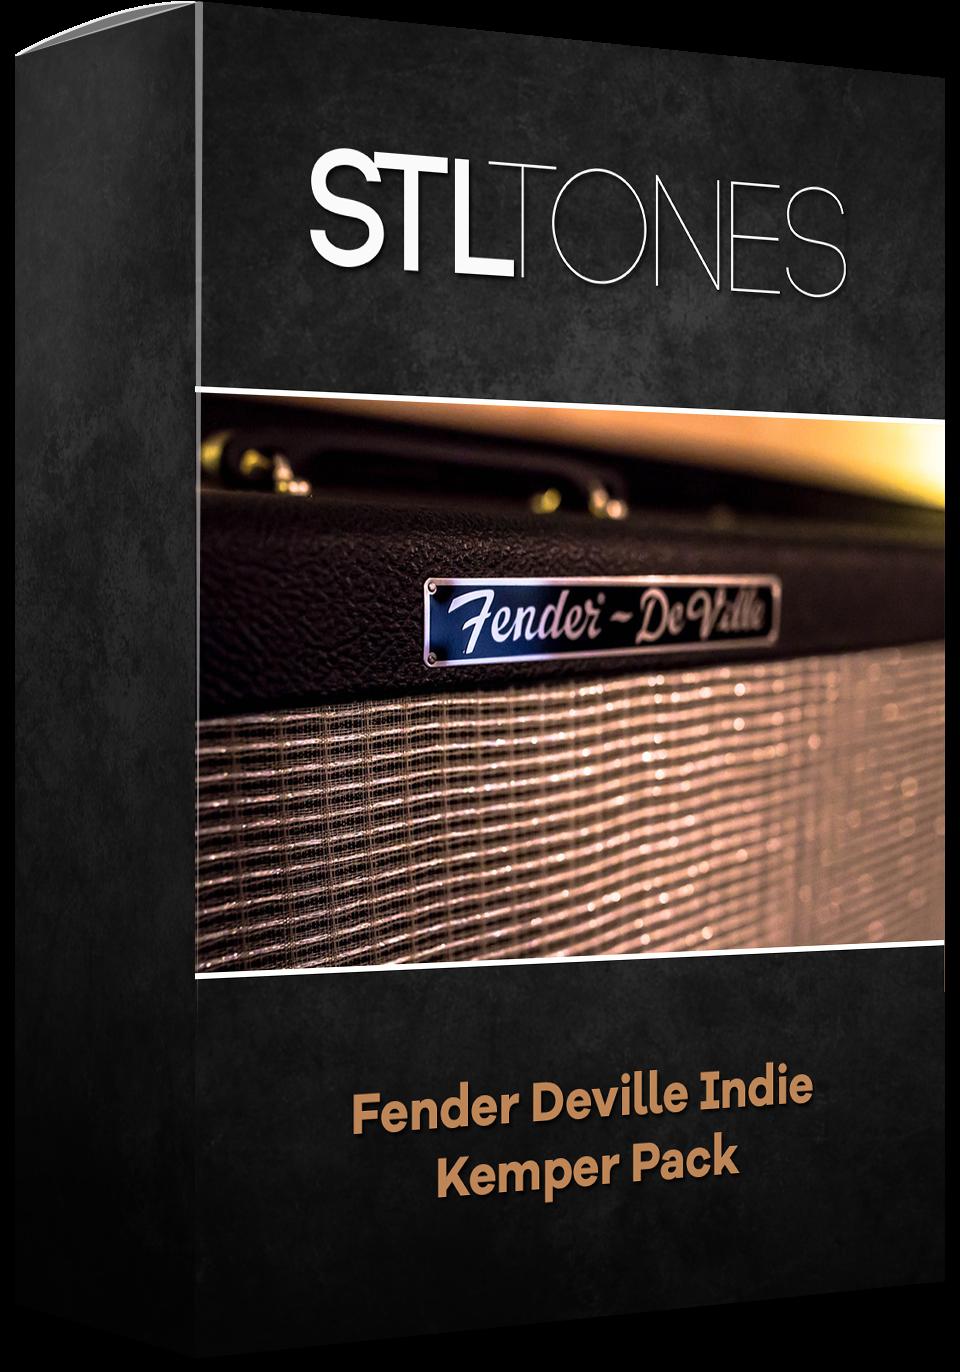 Download Fender Deville Indie Kemper Pack Stl Tones - Book Cover